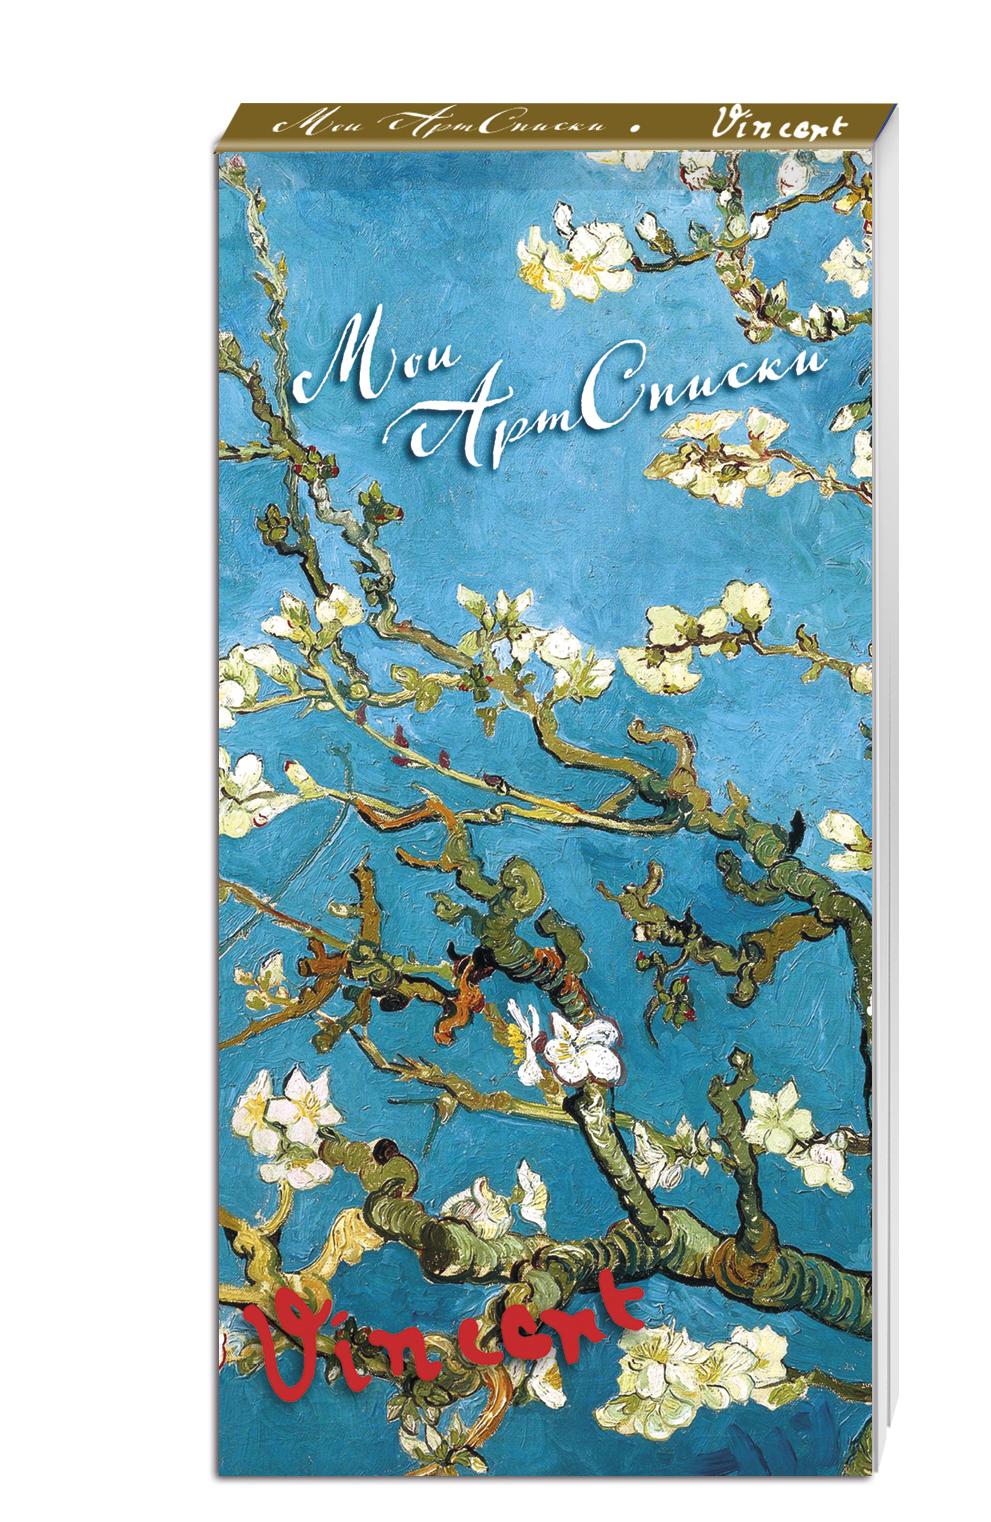 Мои АртСписки. Ван Гог. Цветущие ветки миндаля (блокнот для записи списков дел и покупок) (Арте) блокнот в пластиковой обложке ван гог цветущие ветки миндаля формат малый 64 страницы арте